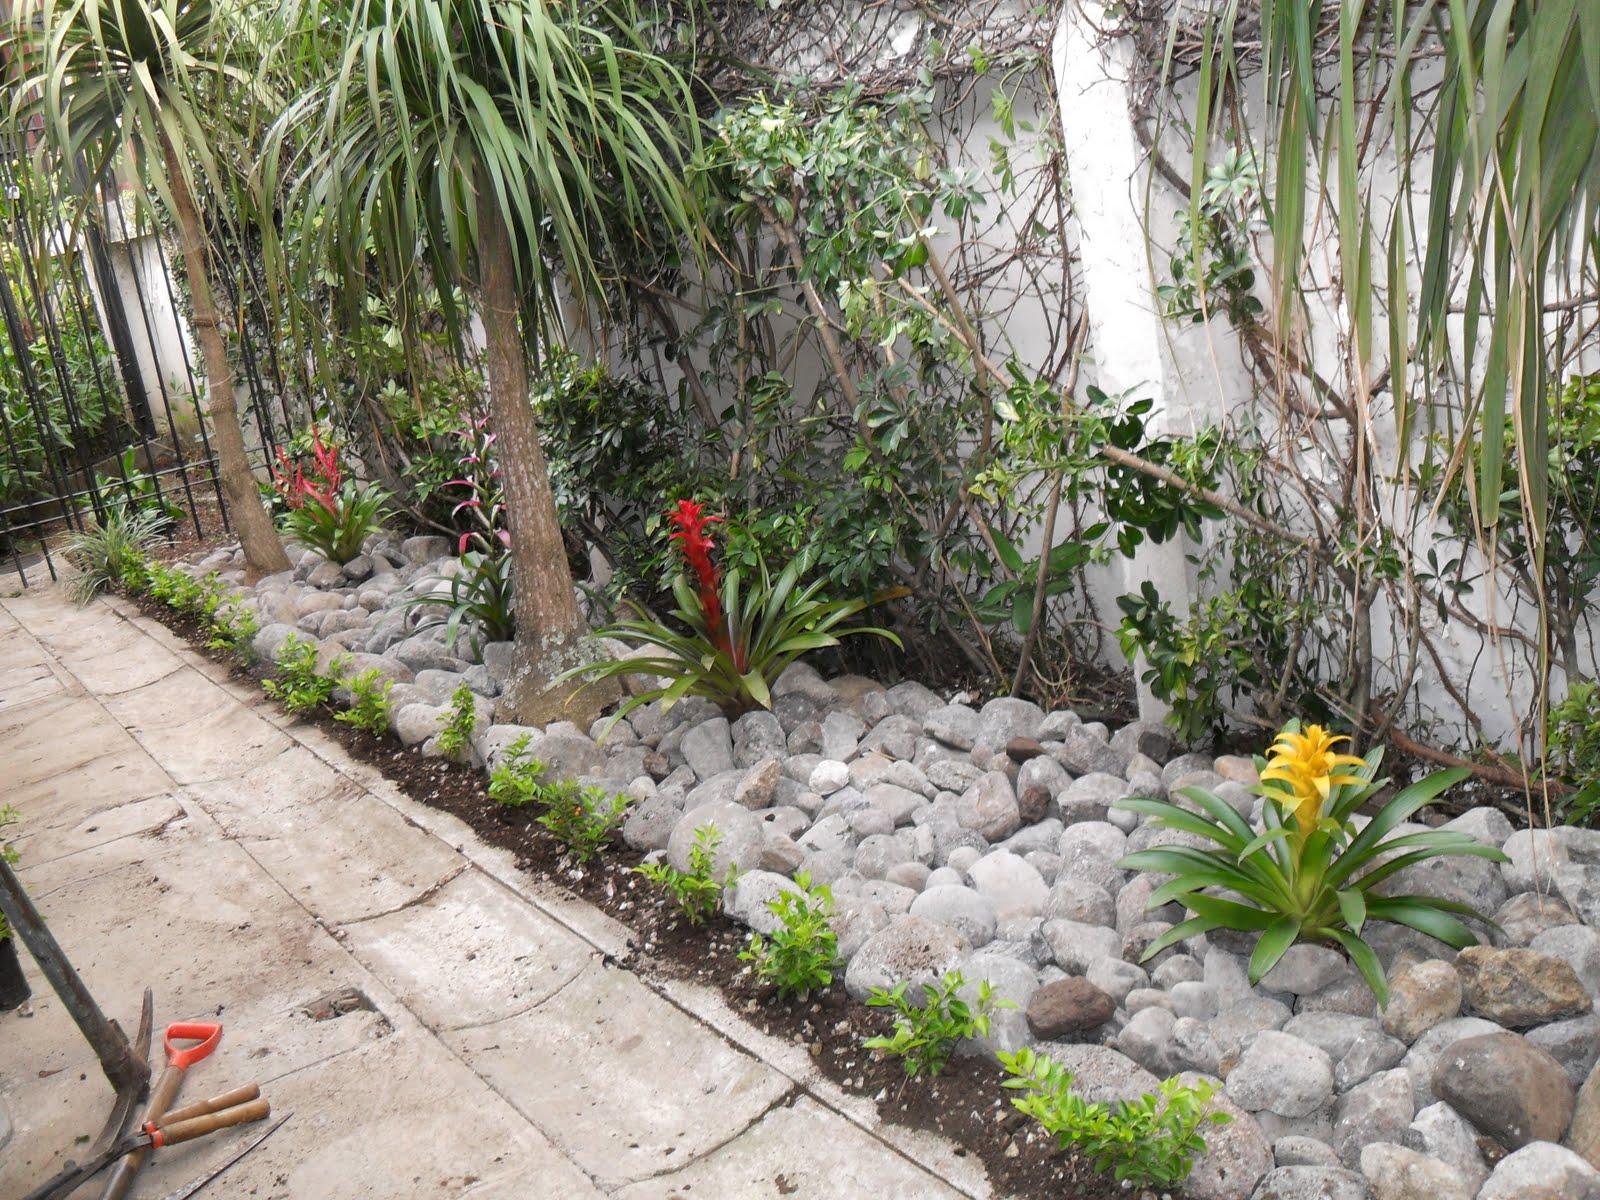 Mantenimiento y dise o de jardines jardin seco for Jardines adornados con piedras